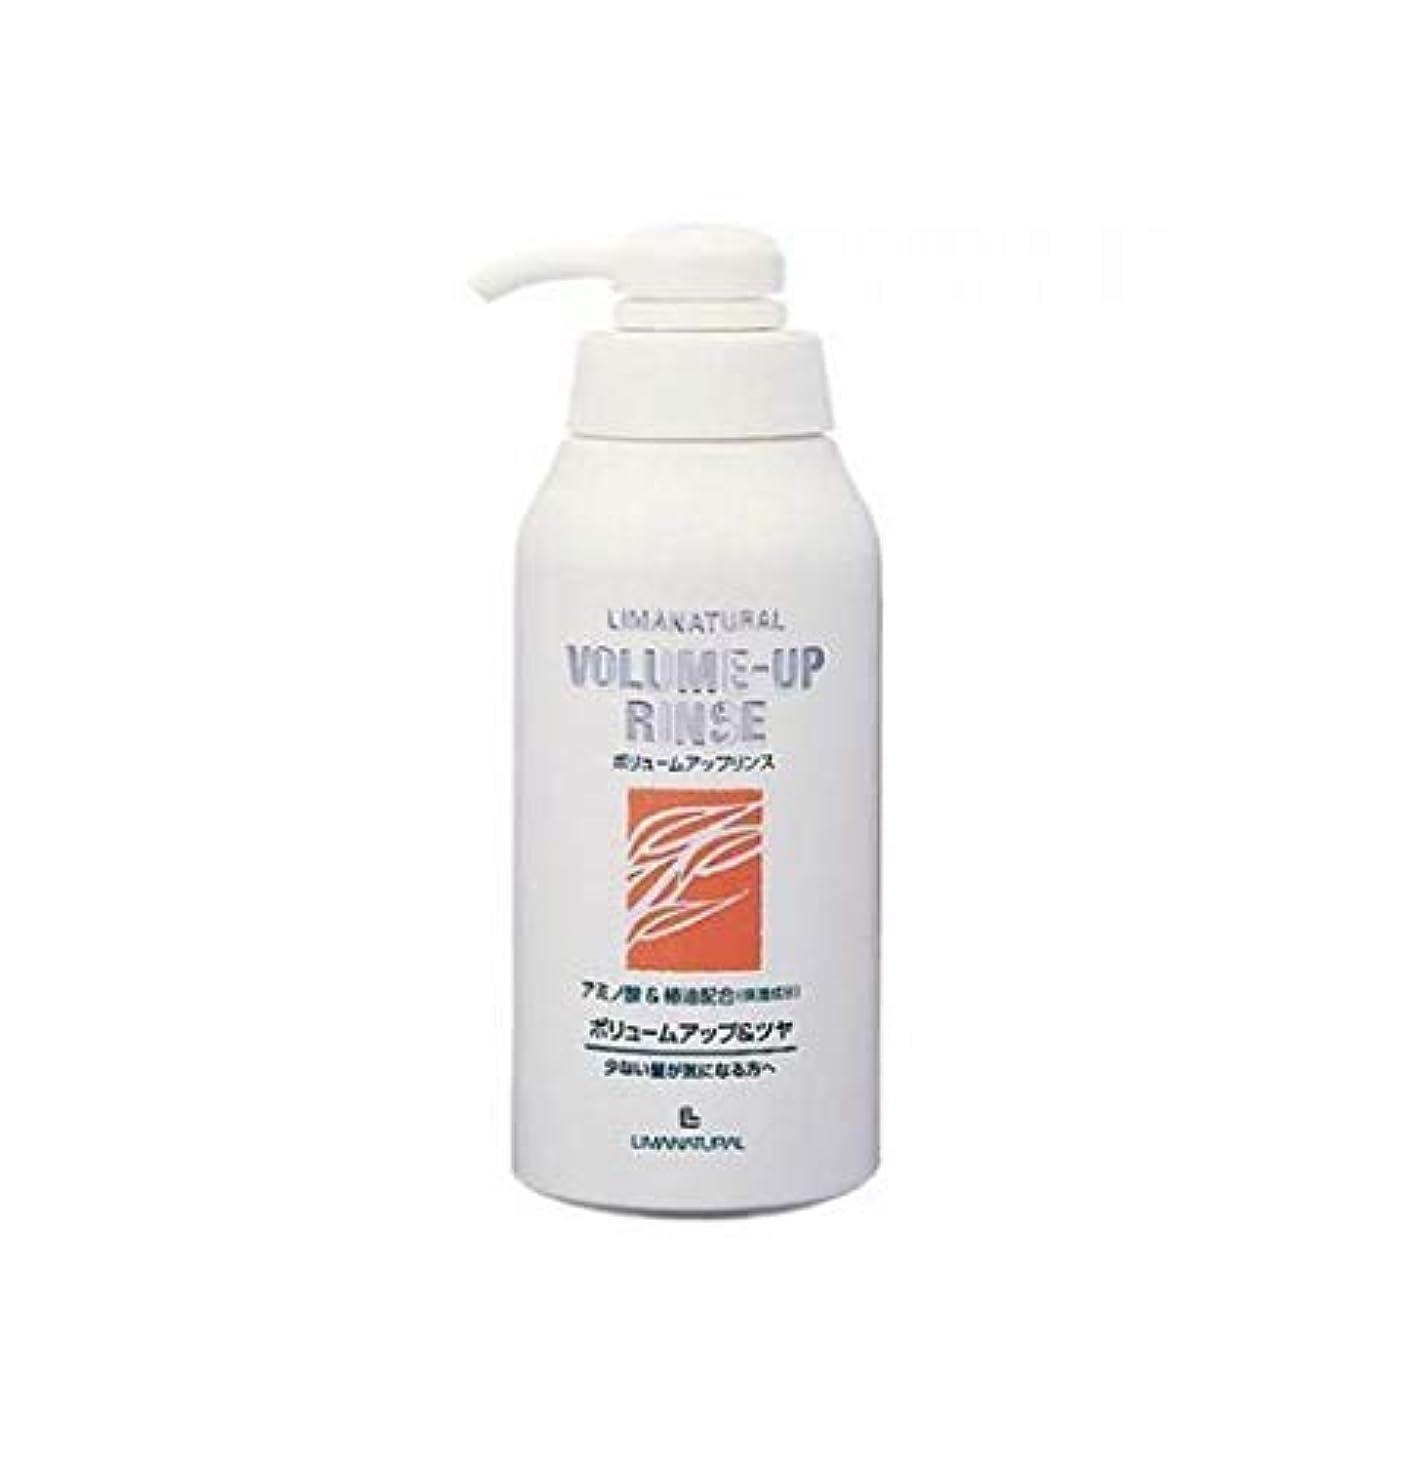 比類なき損なう窒息させるリマナチュラル LIMANATURAL ボリュームアップリンス ヘアケア ダメージ オーガニック マクロビオテック ナチュラル化粧品 国産 自然派 パラベンフリー